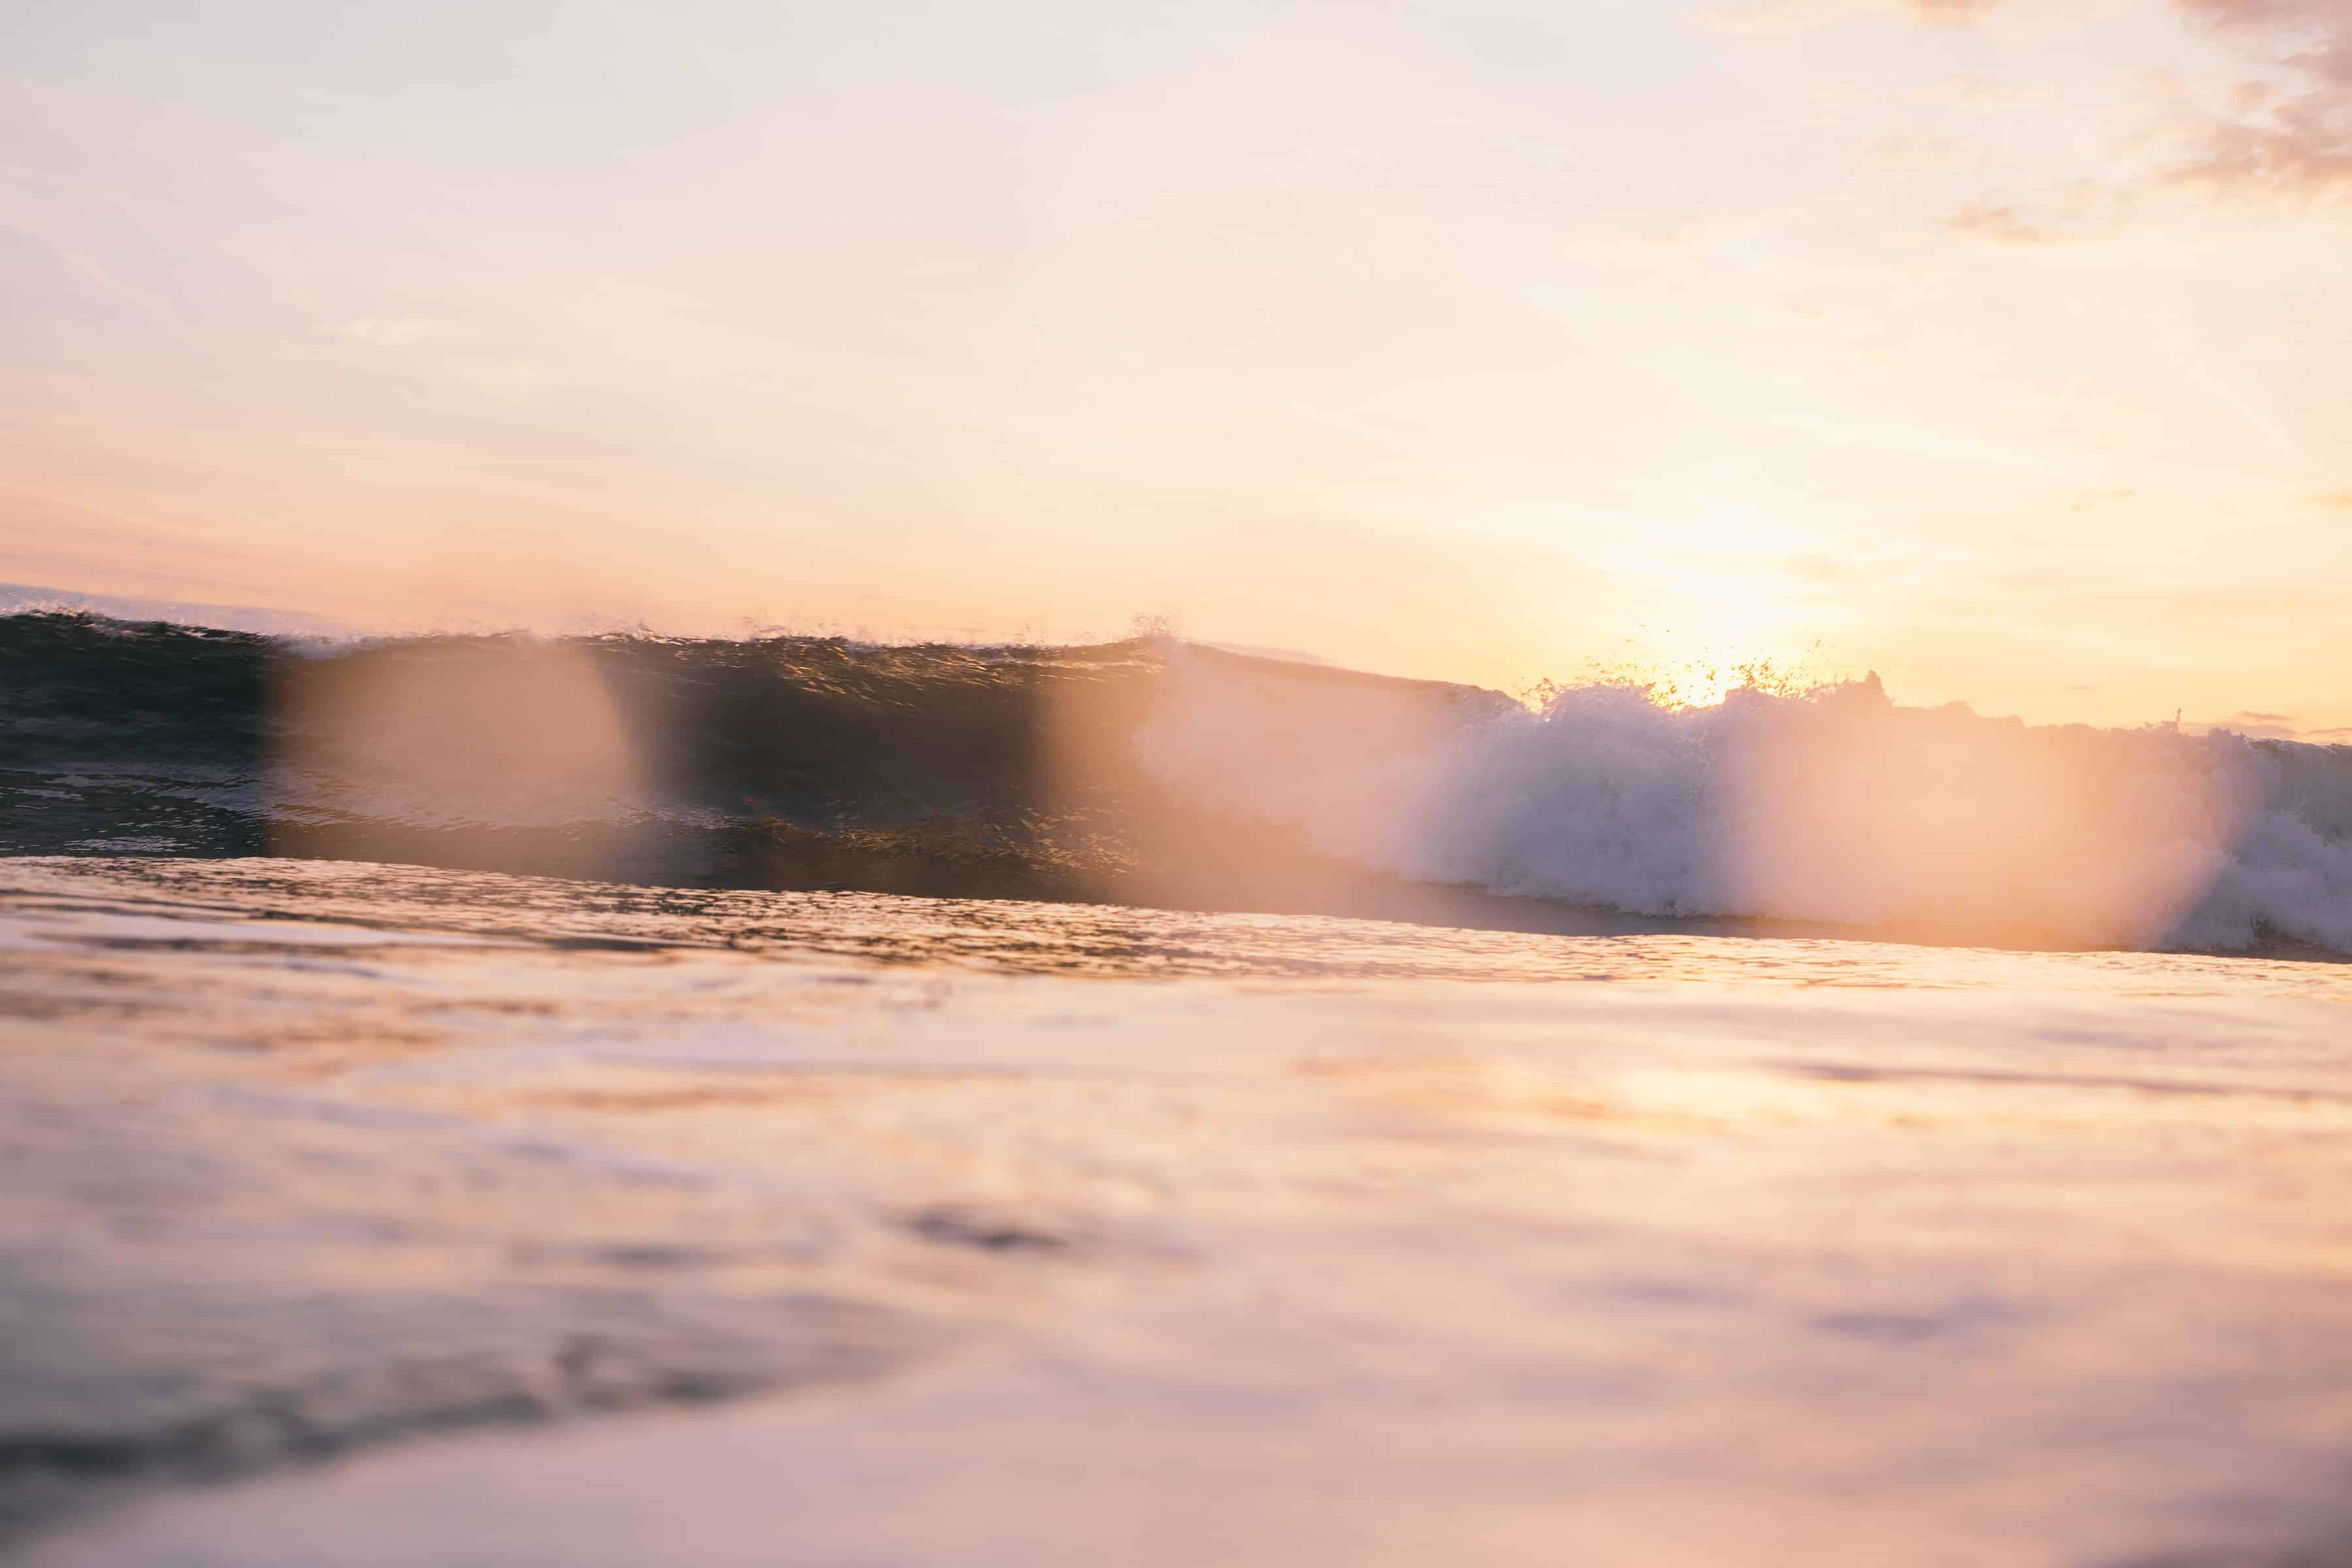 Bølge i solnedgang